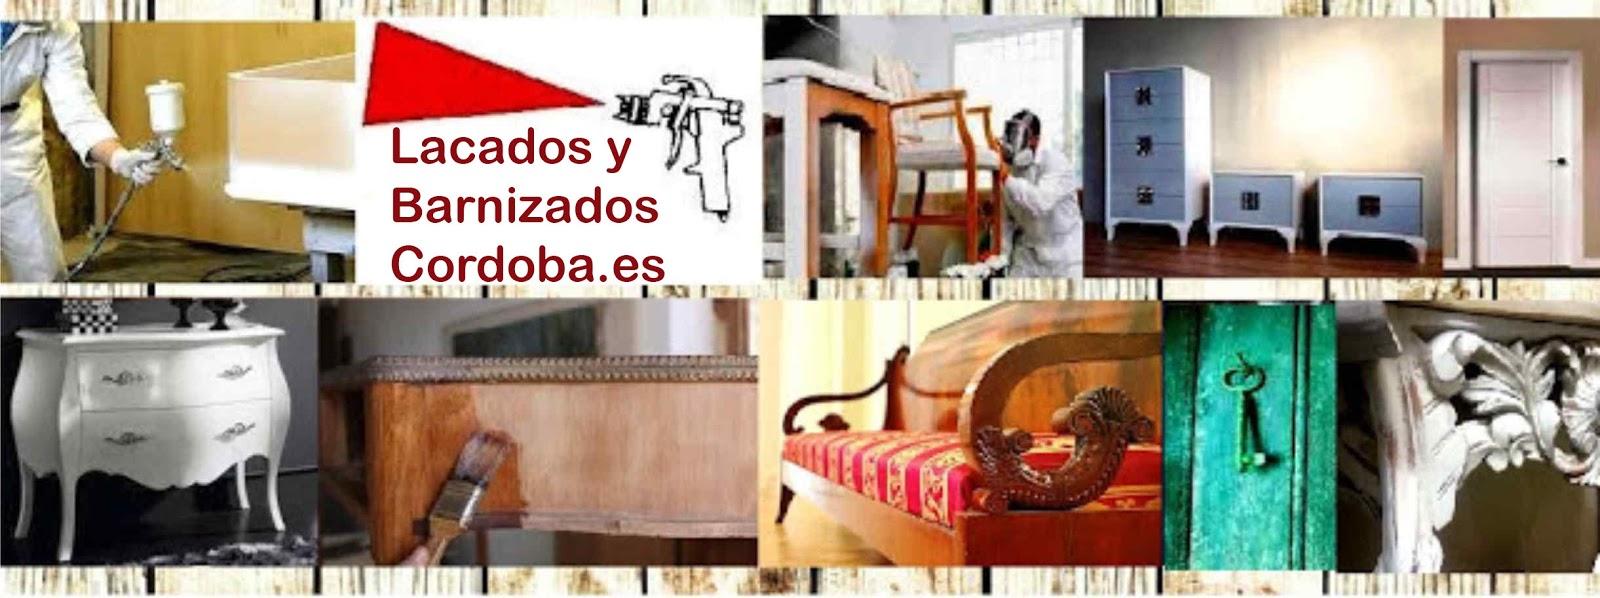 Barnizados lacados restauracion muebles cordoba - Muebles antiguos cordoba ...